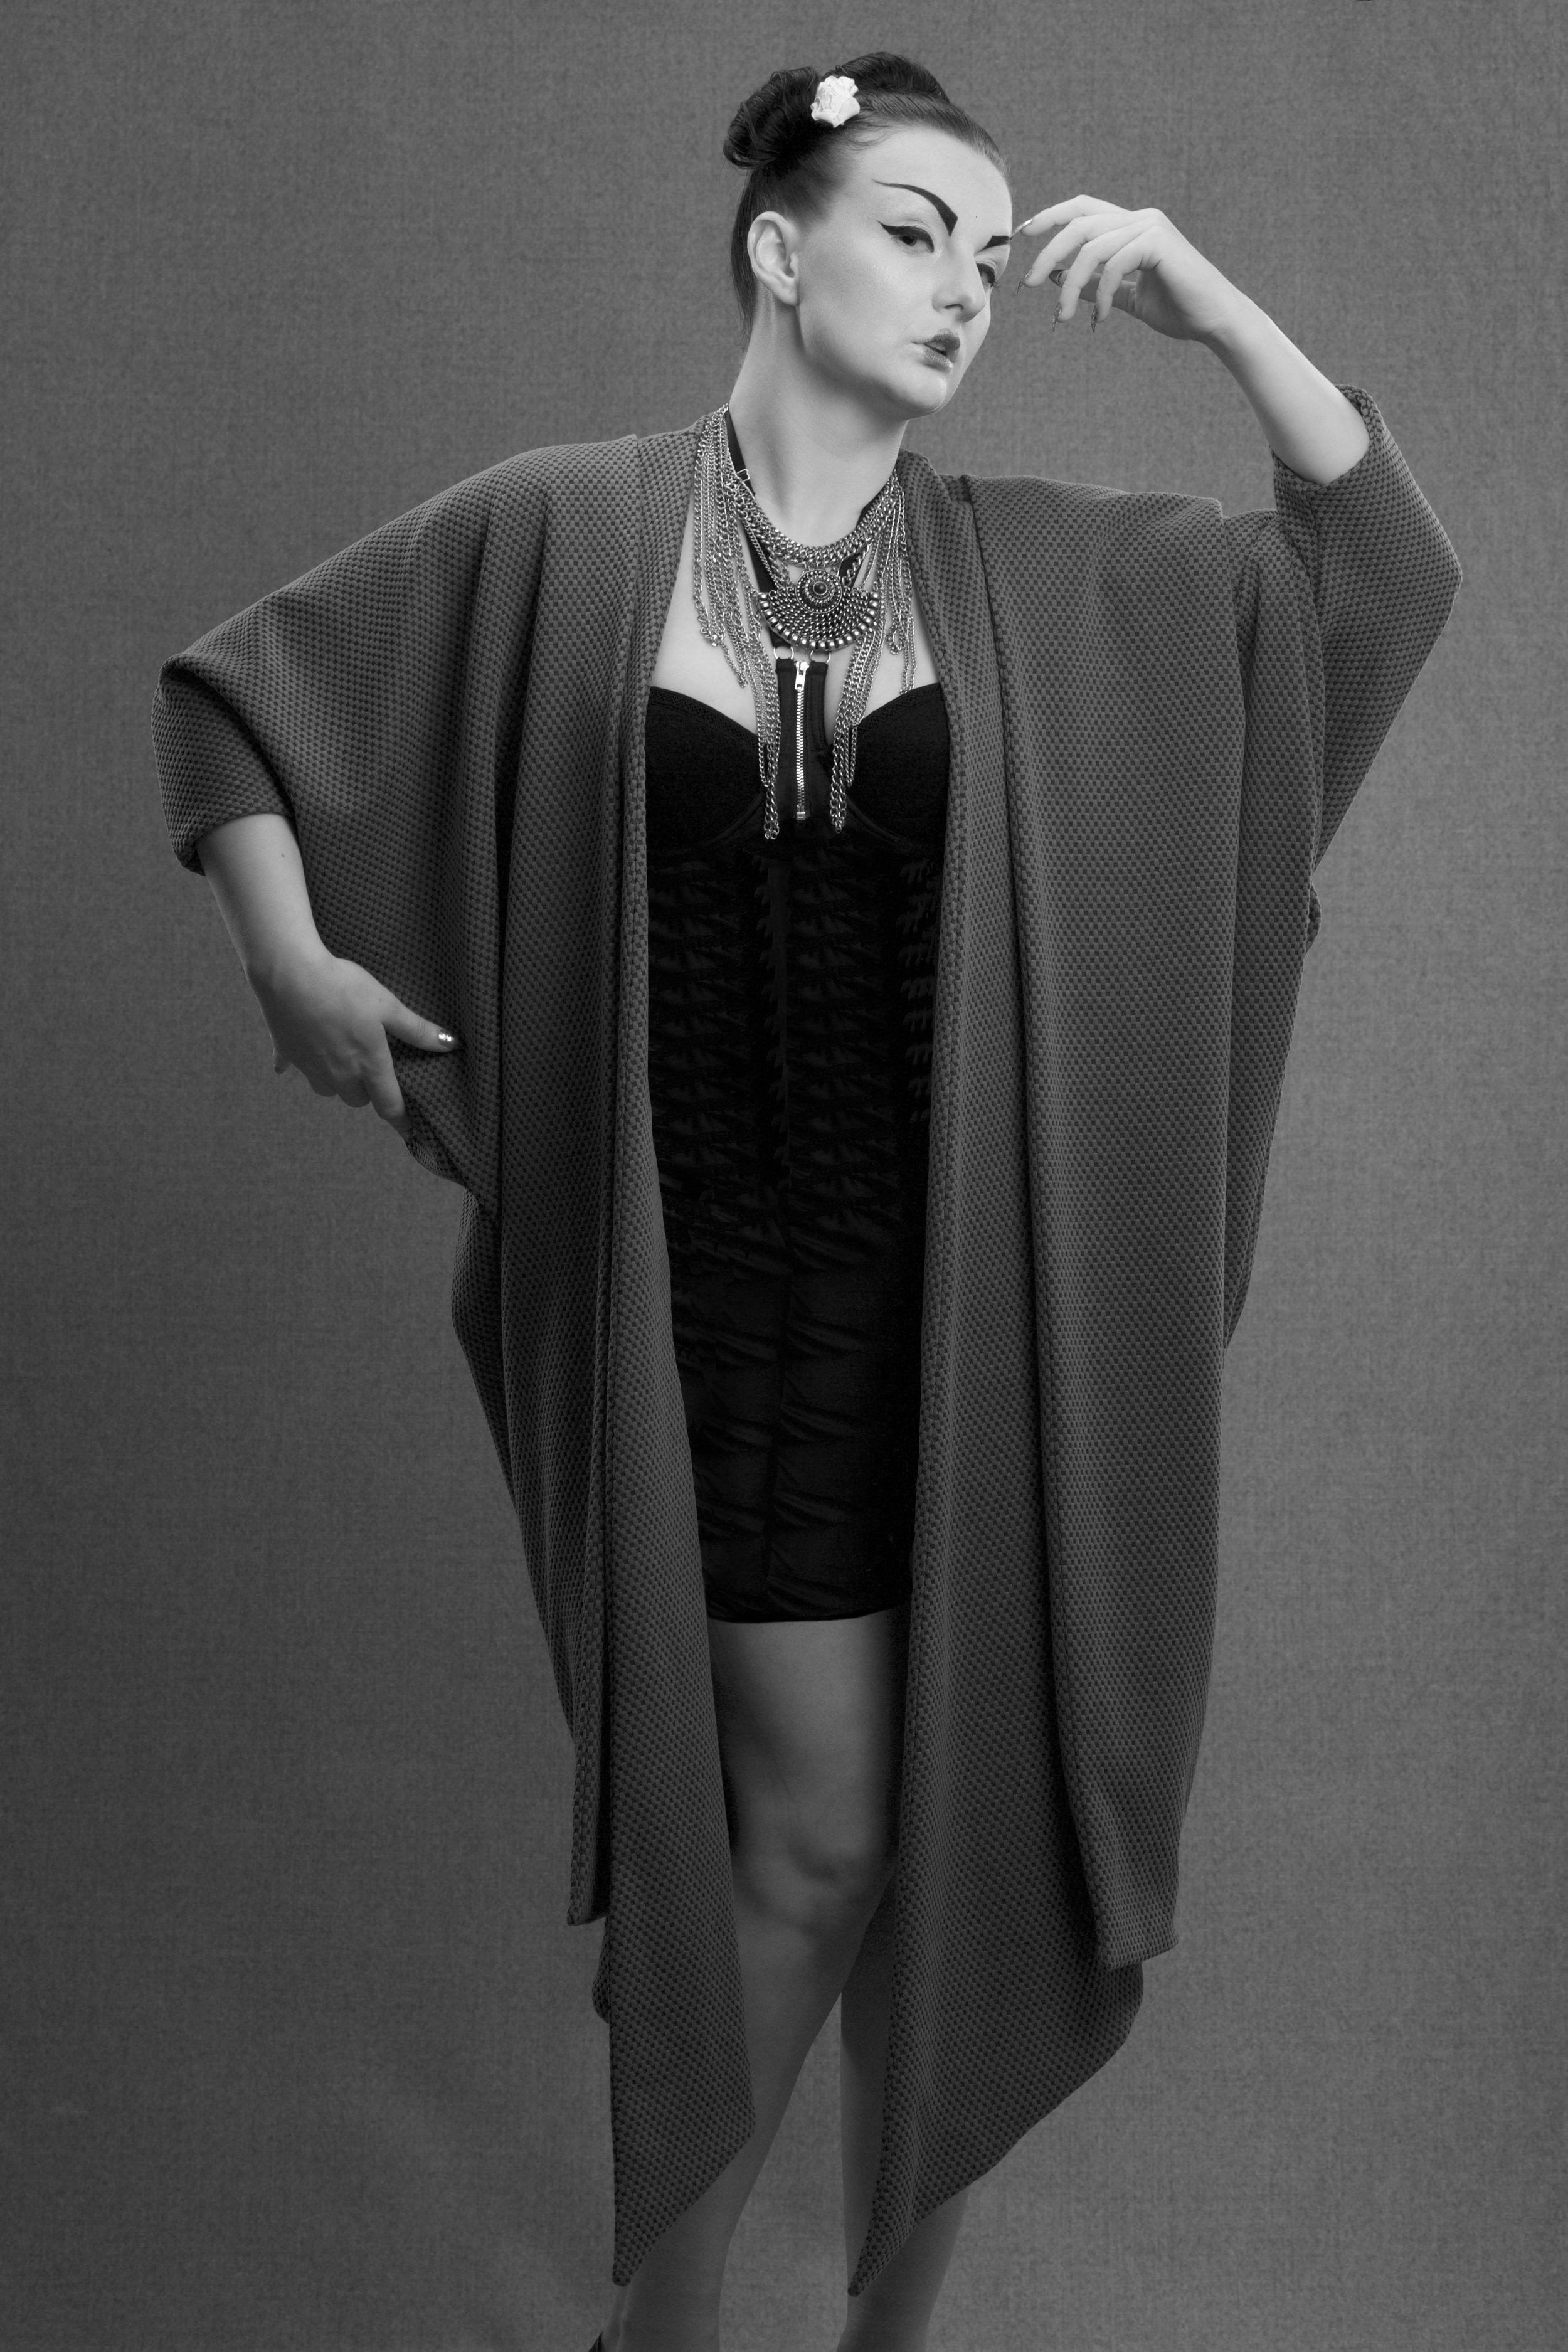 zaramia-ava-zaramiaava-leeds-fashion-designer-ethical-sustainable-grey-drape-ayame-jacket-noa-geshia-black-white-4